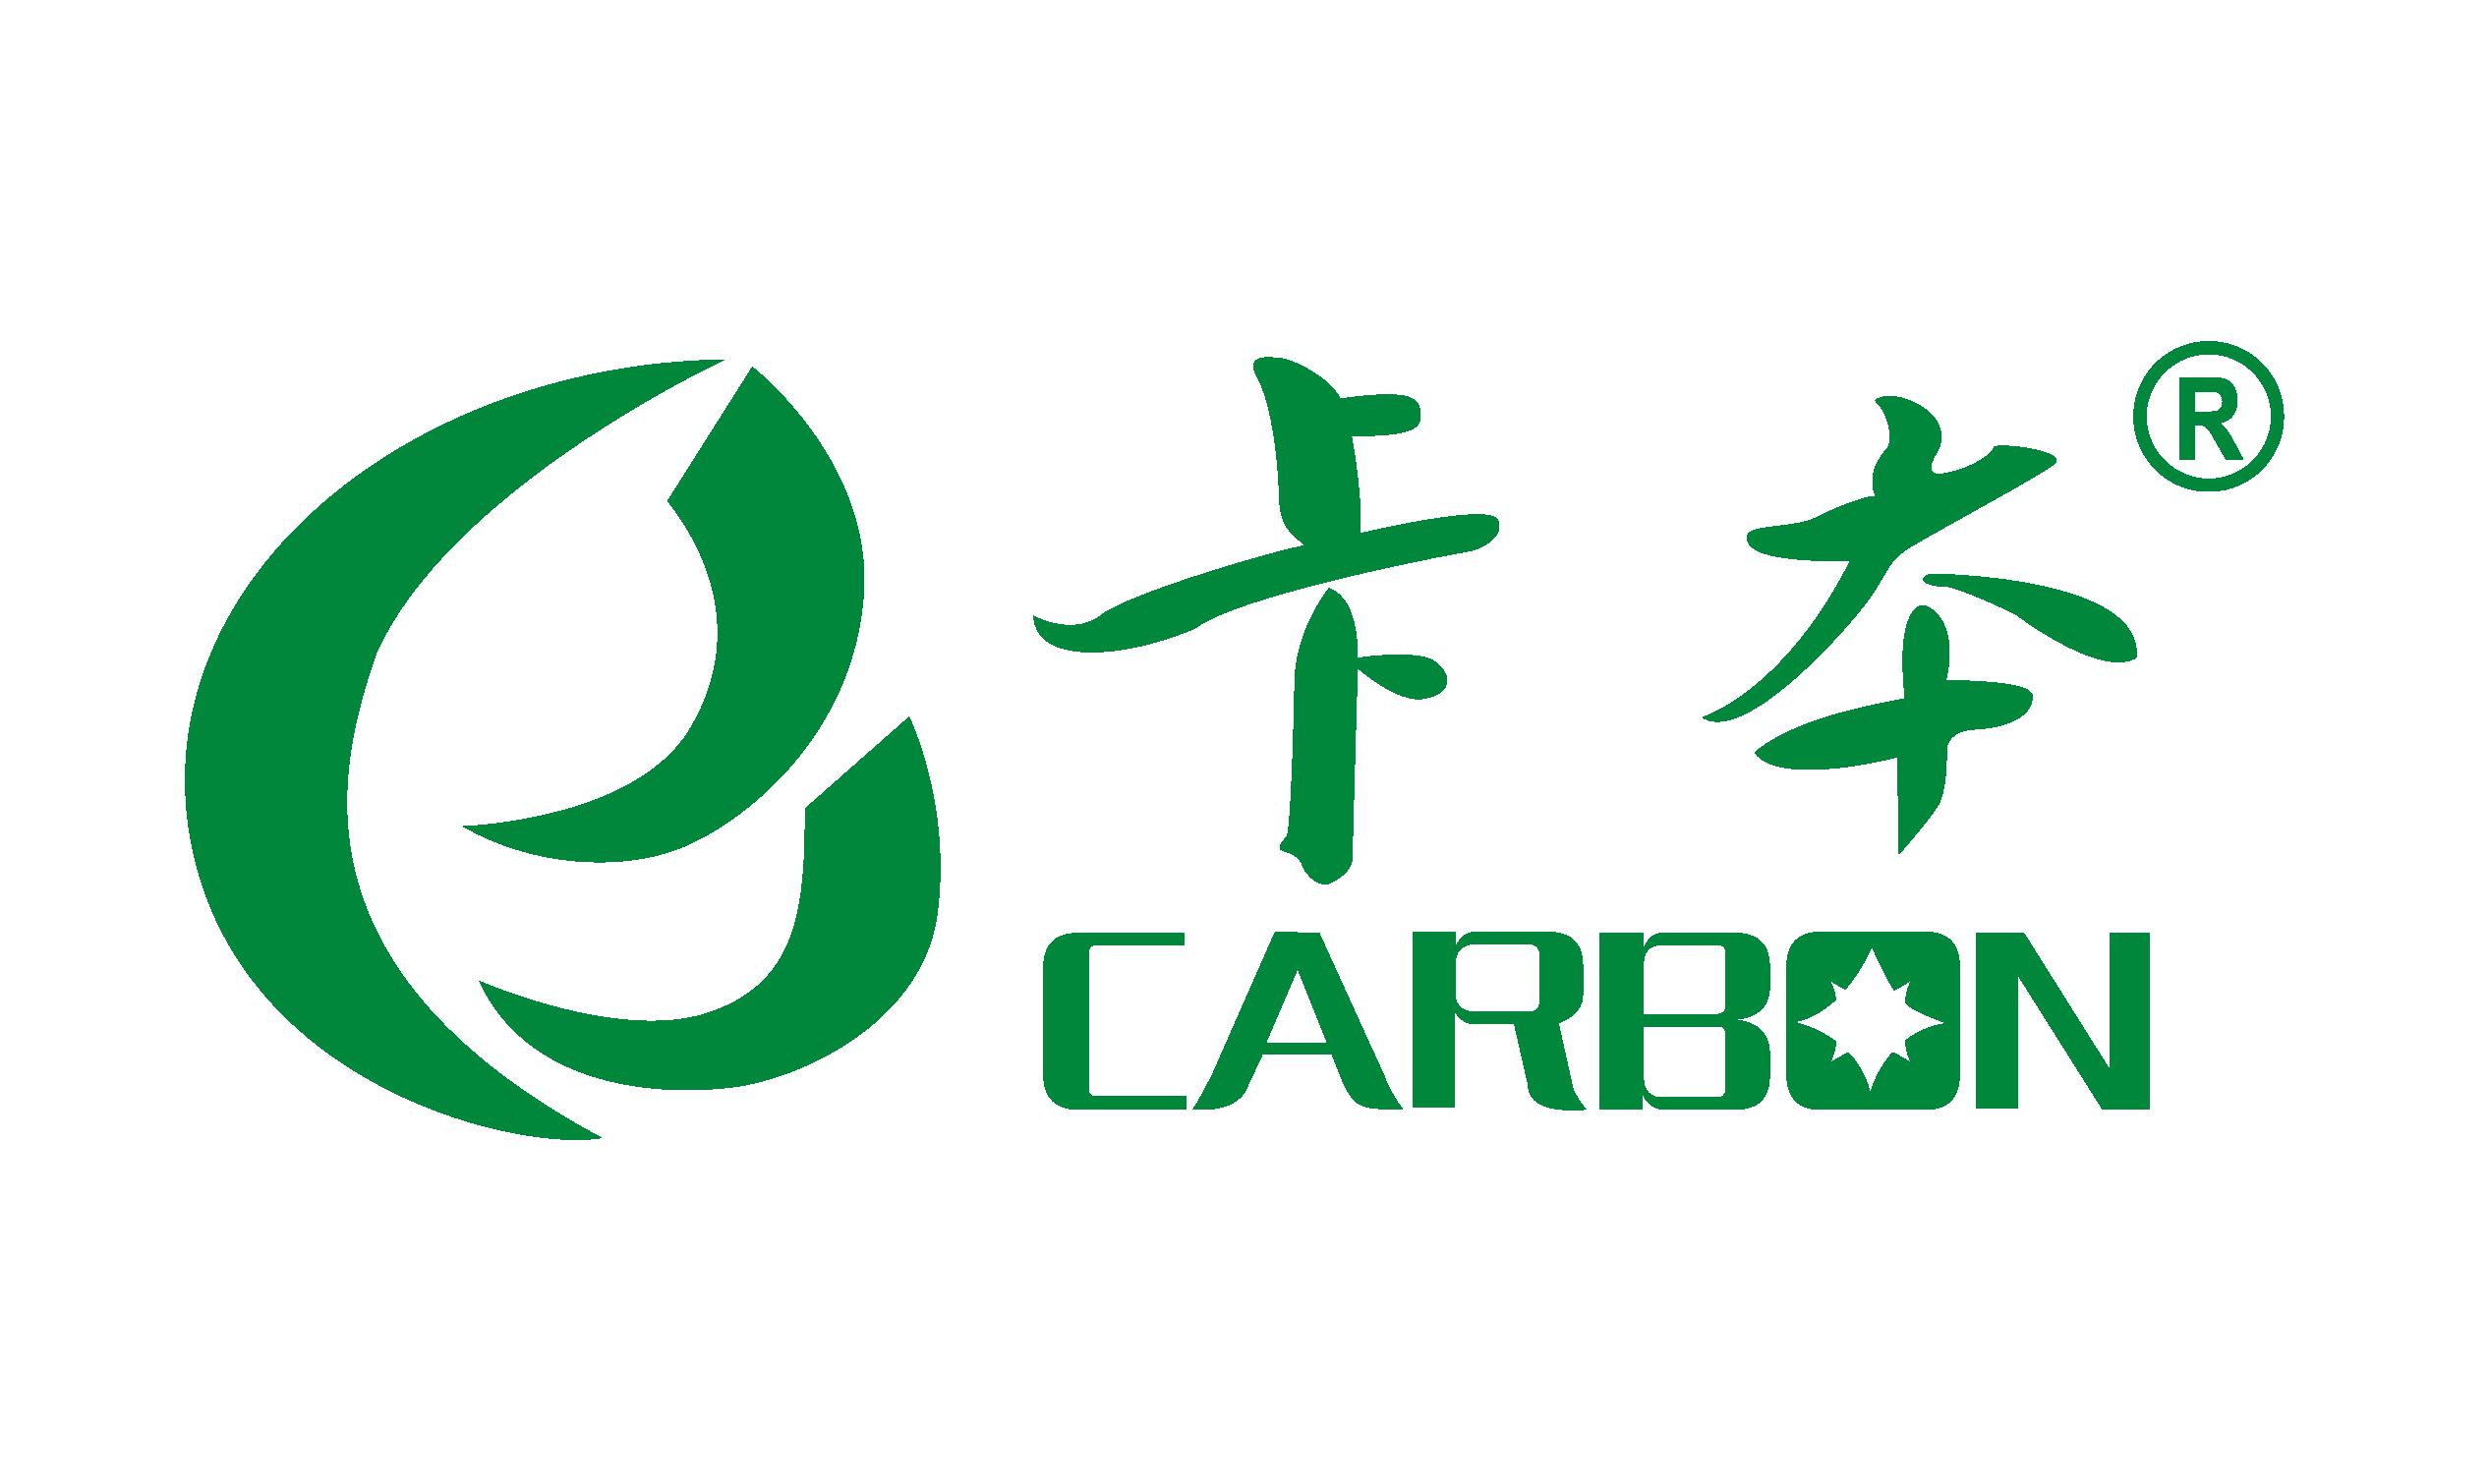 卡本科技集团股份有限公司